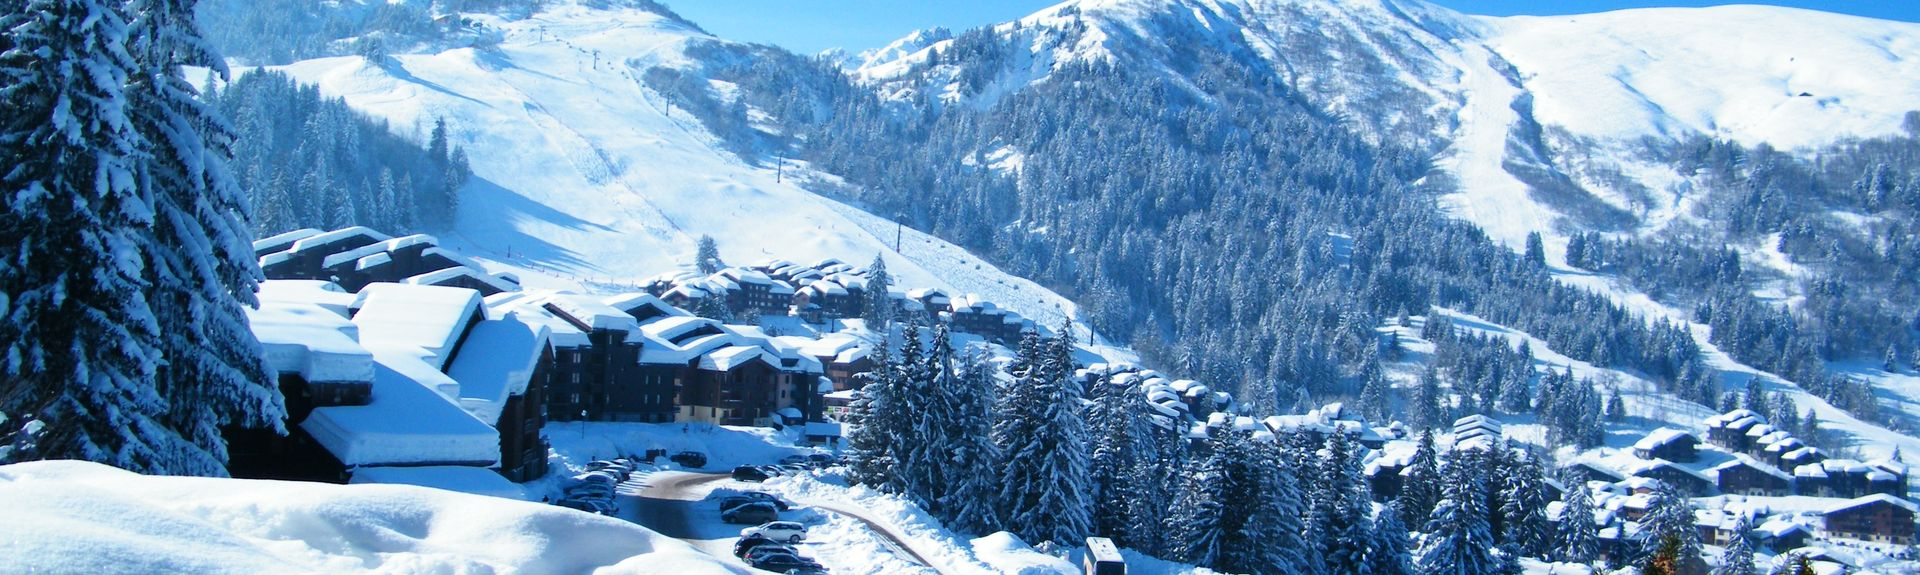 Frontenex Station, Frontenex, Savoie (department), France